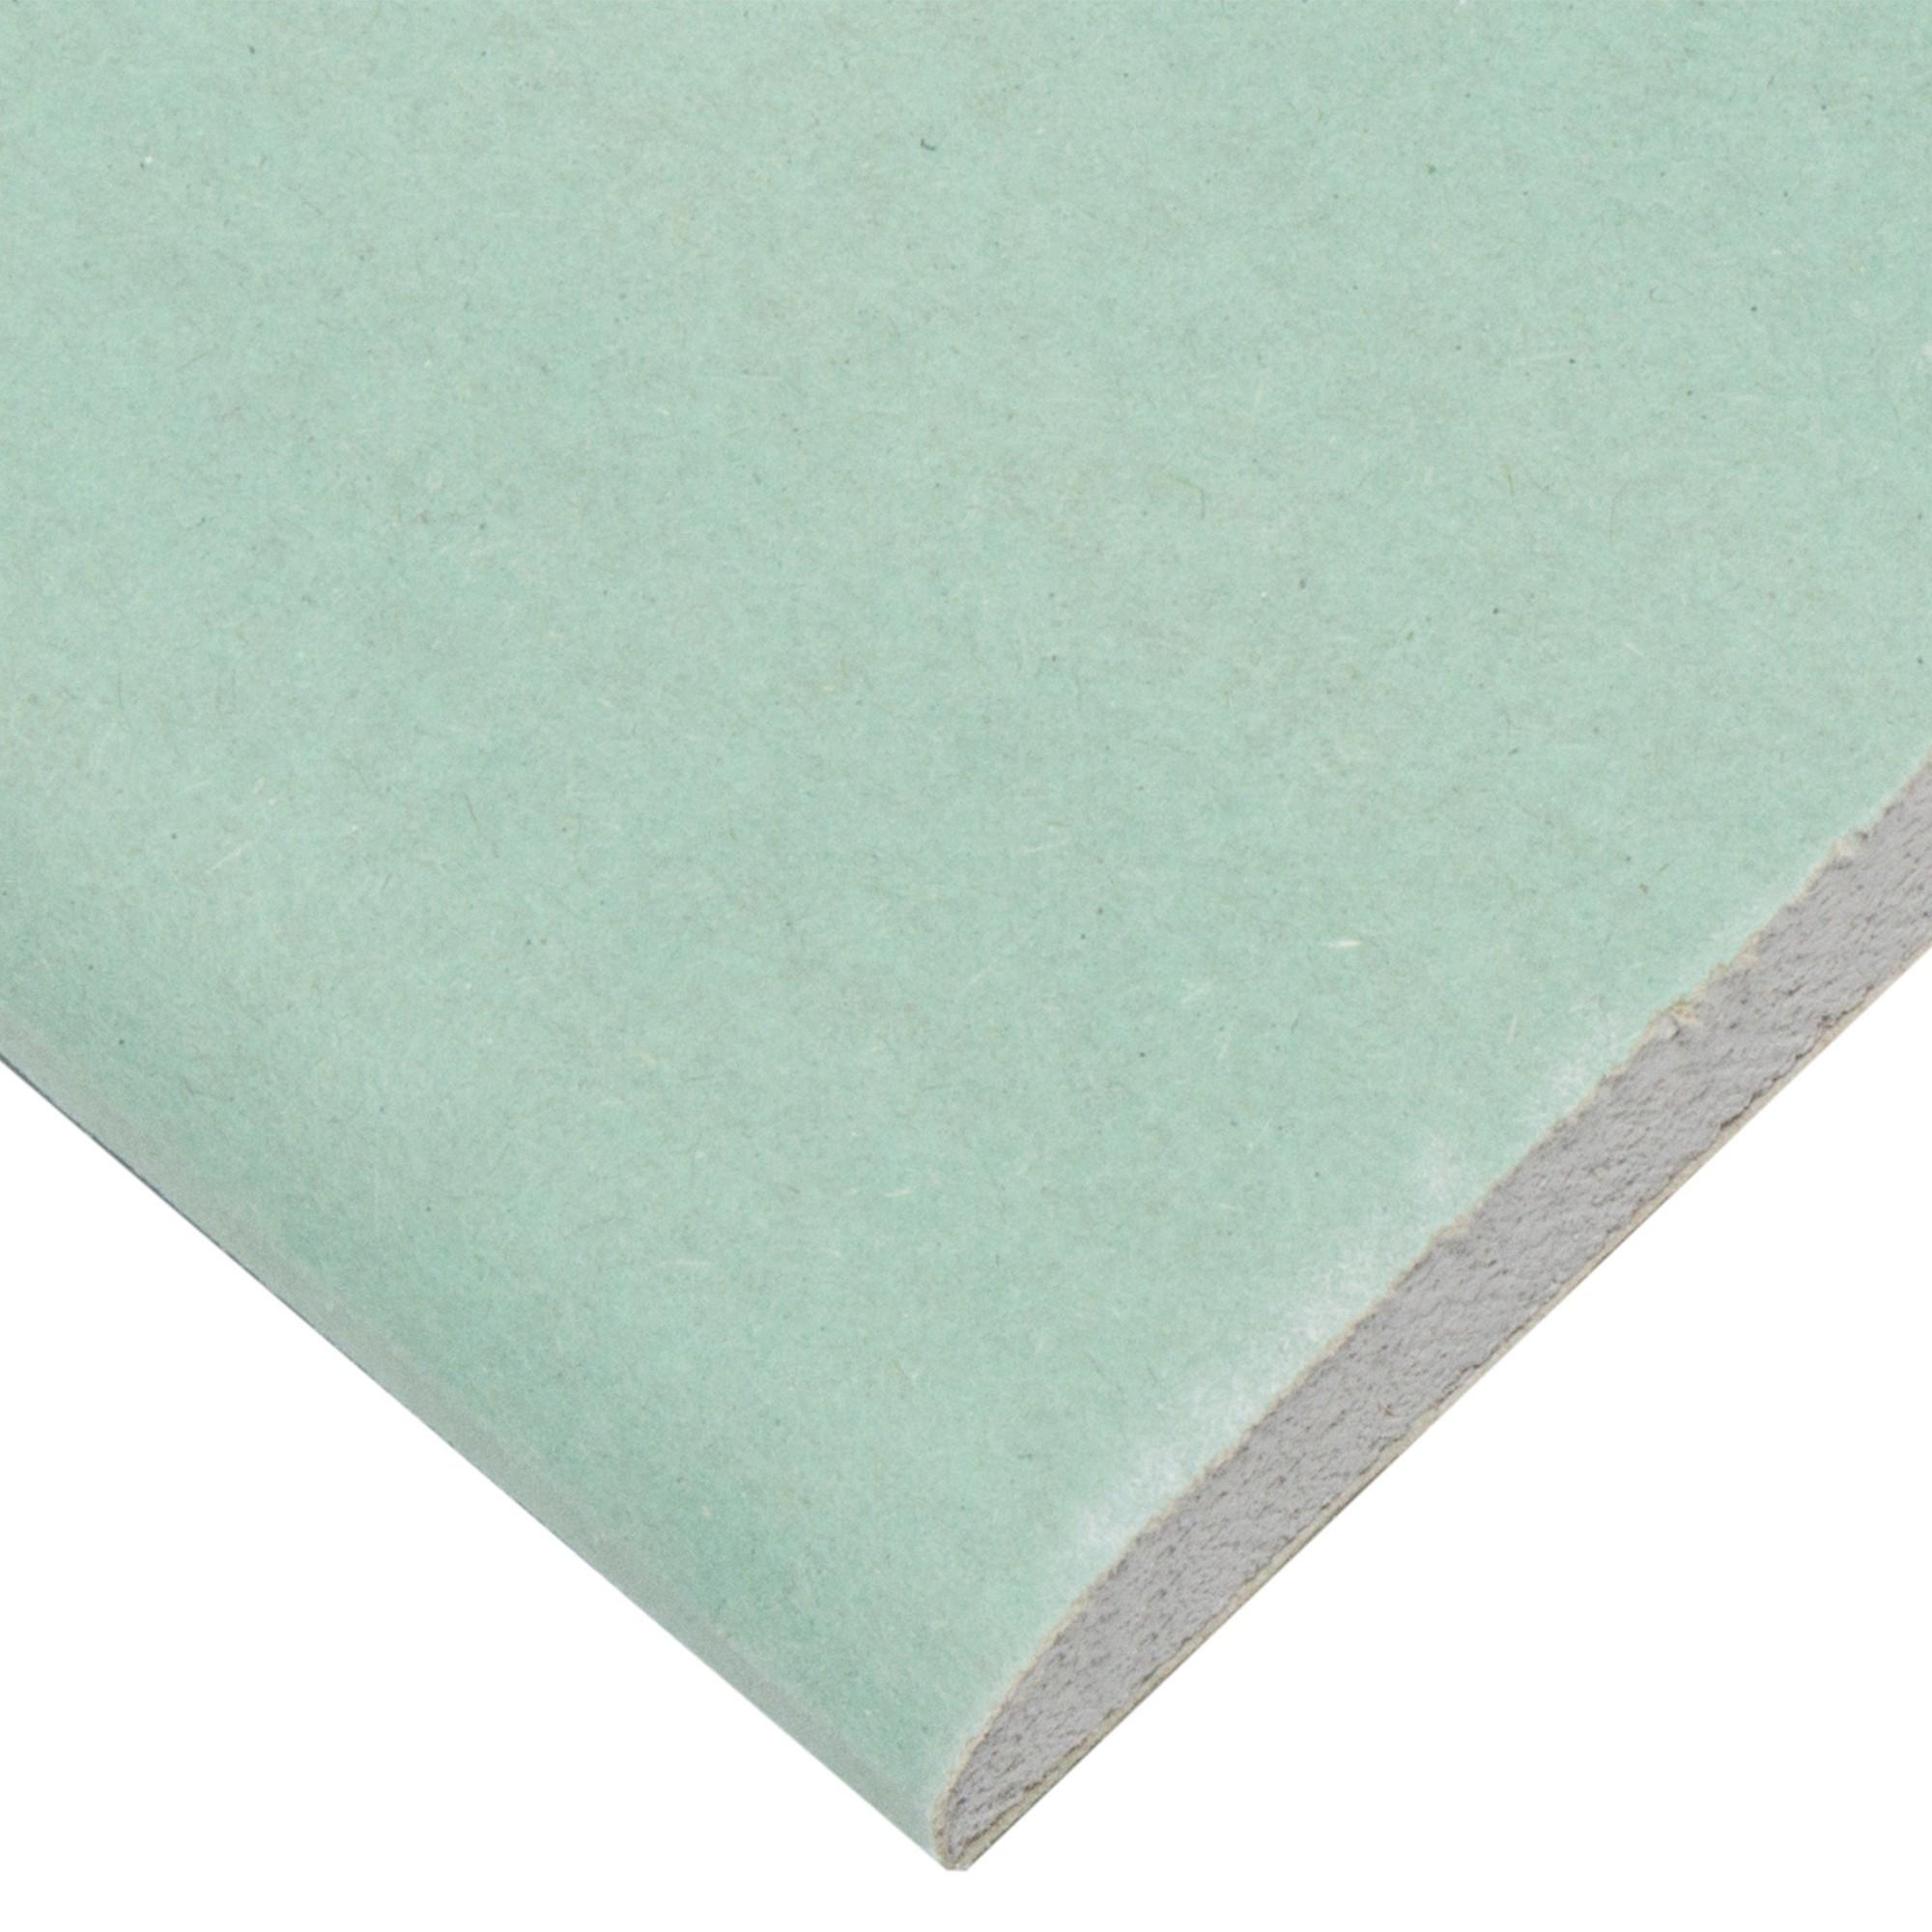 Гипсокартон влагостойкий 12.5 мм Knauf 1500х600 0.9 м²